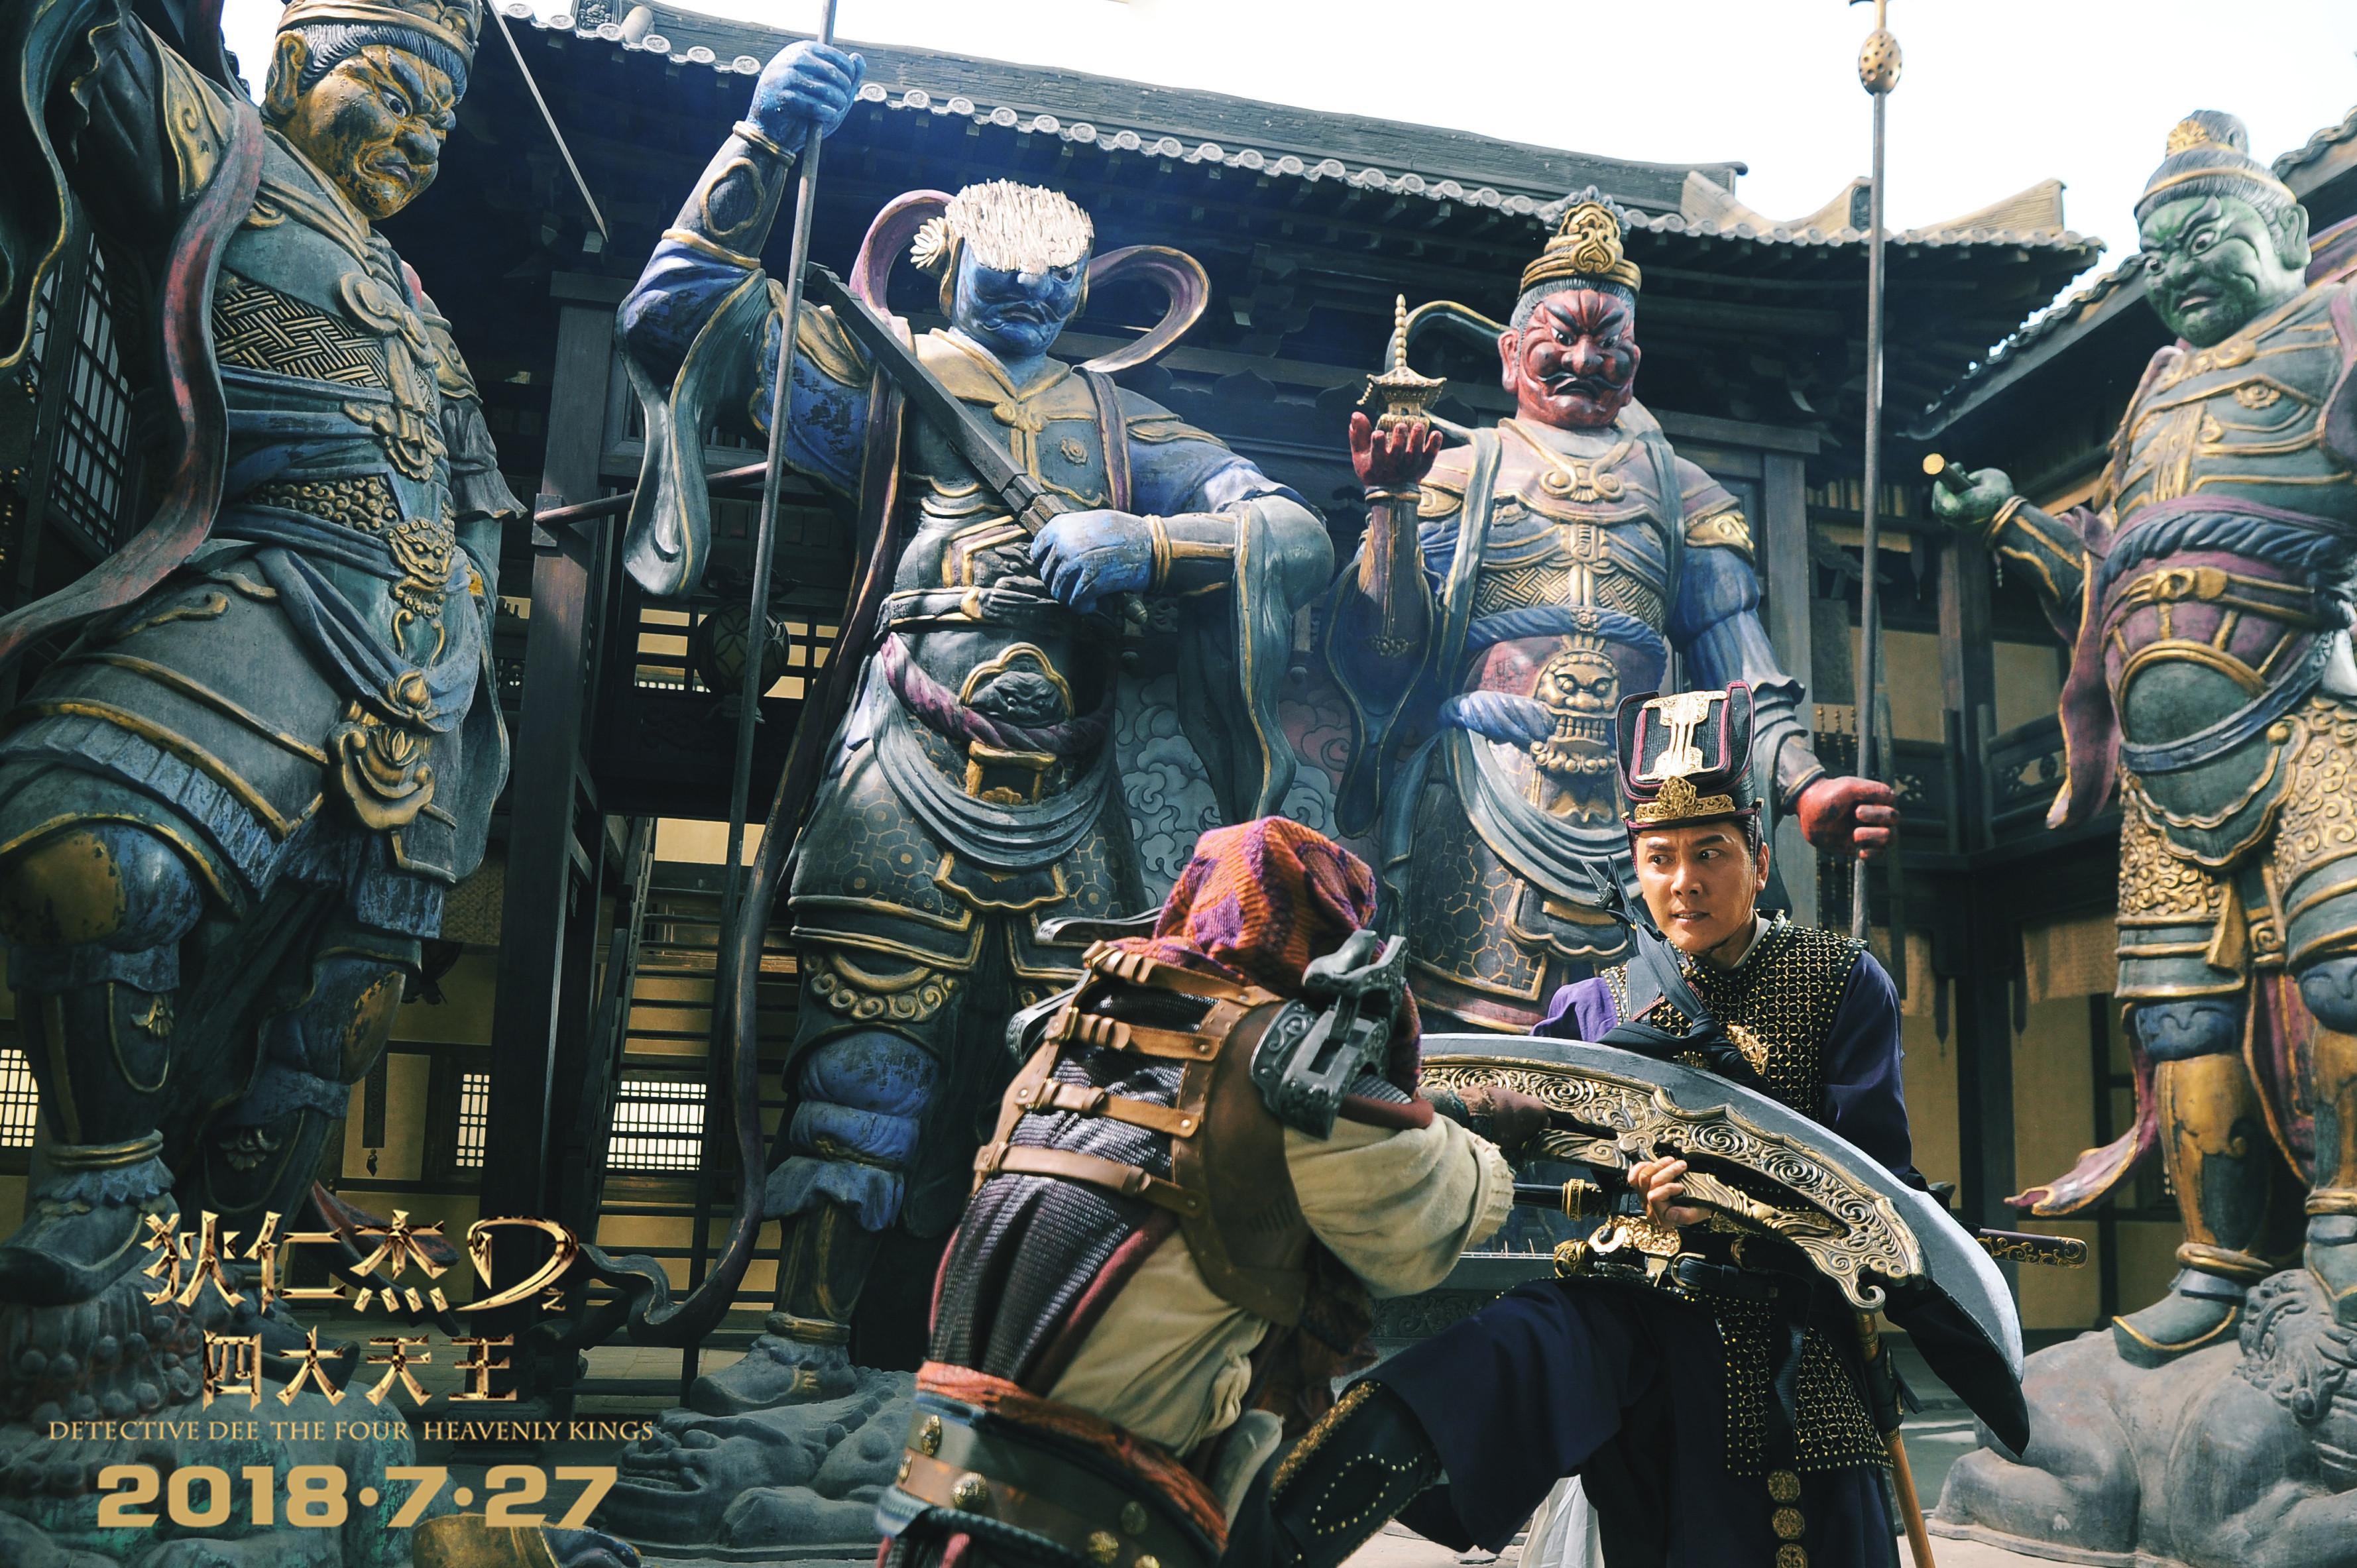 《狄仁杰之四大天王》制作揭秘,仅两场戏的皇宫耗资数百万的照片 - 17